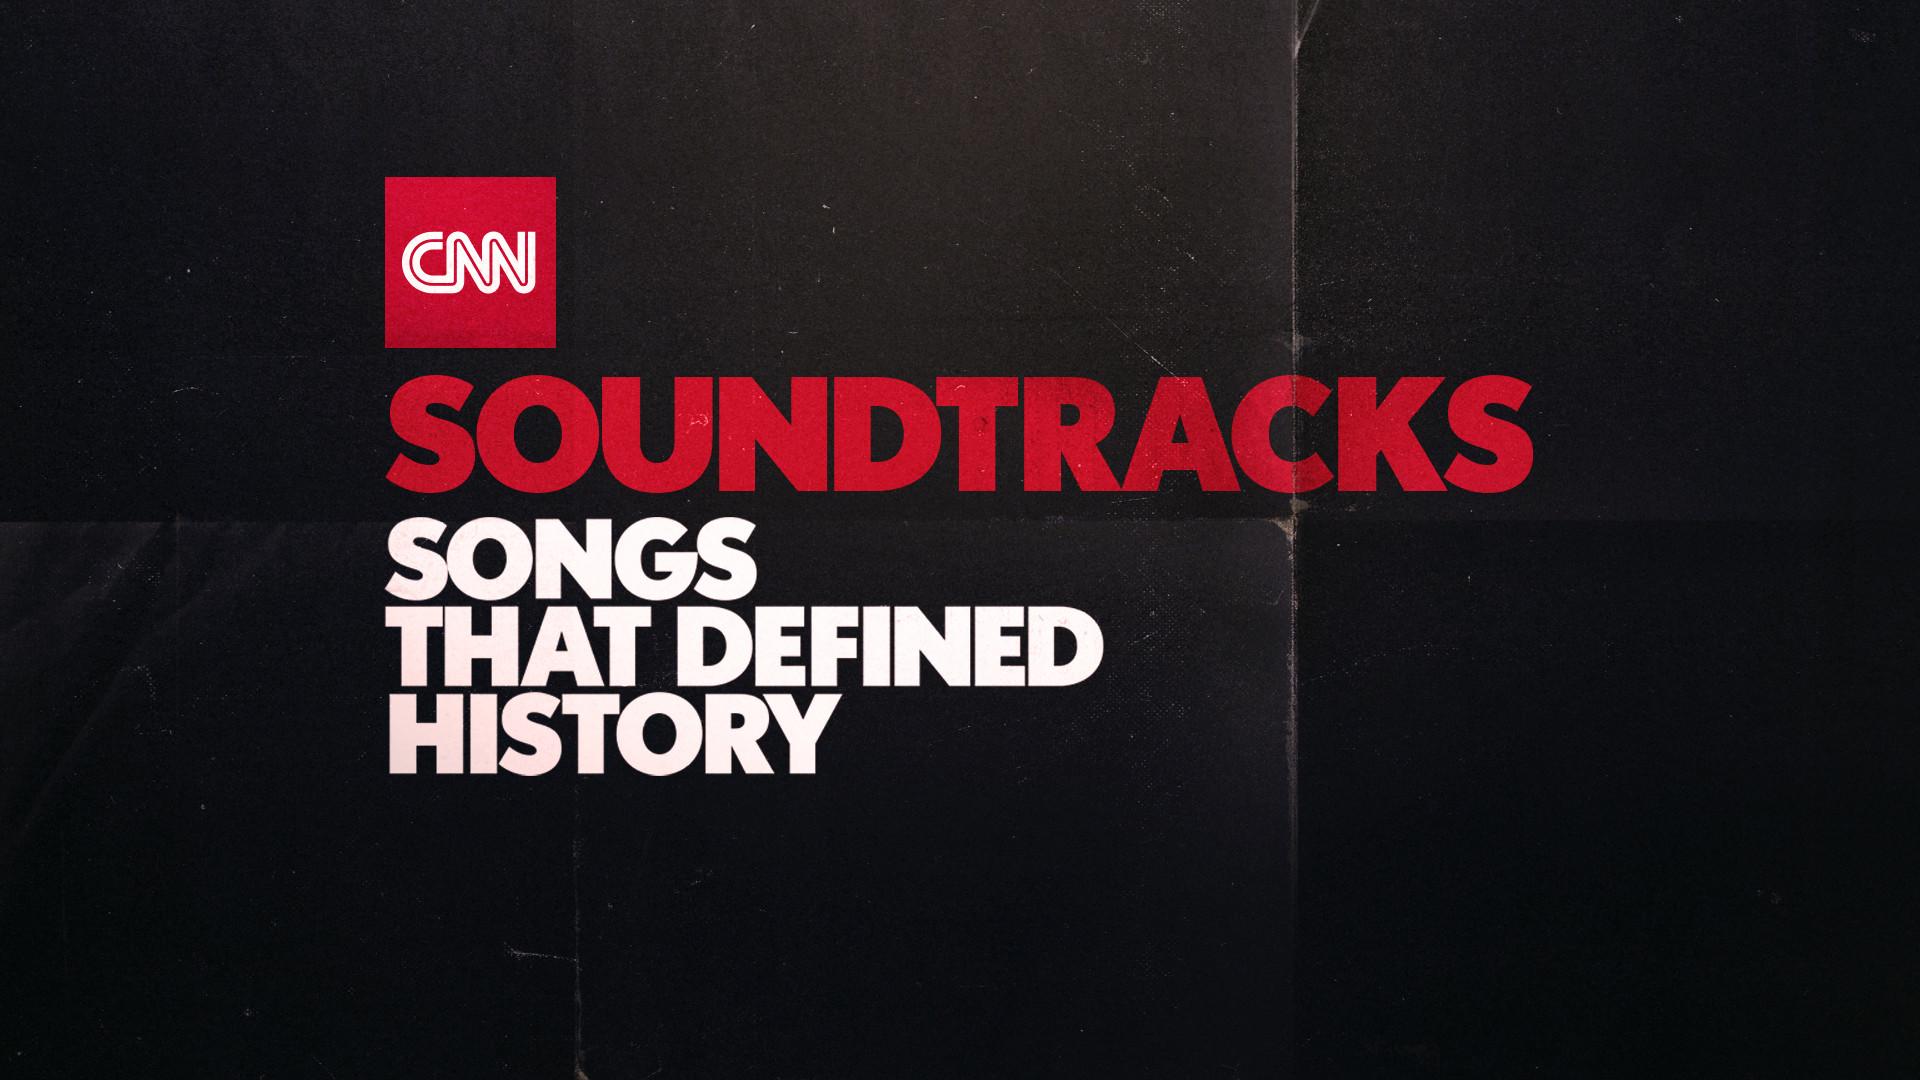 CNN_Sndtrks_Soundracks_01.jpg